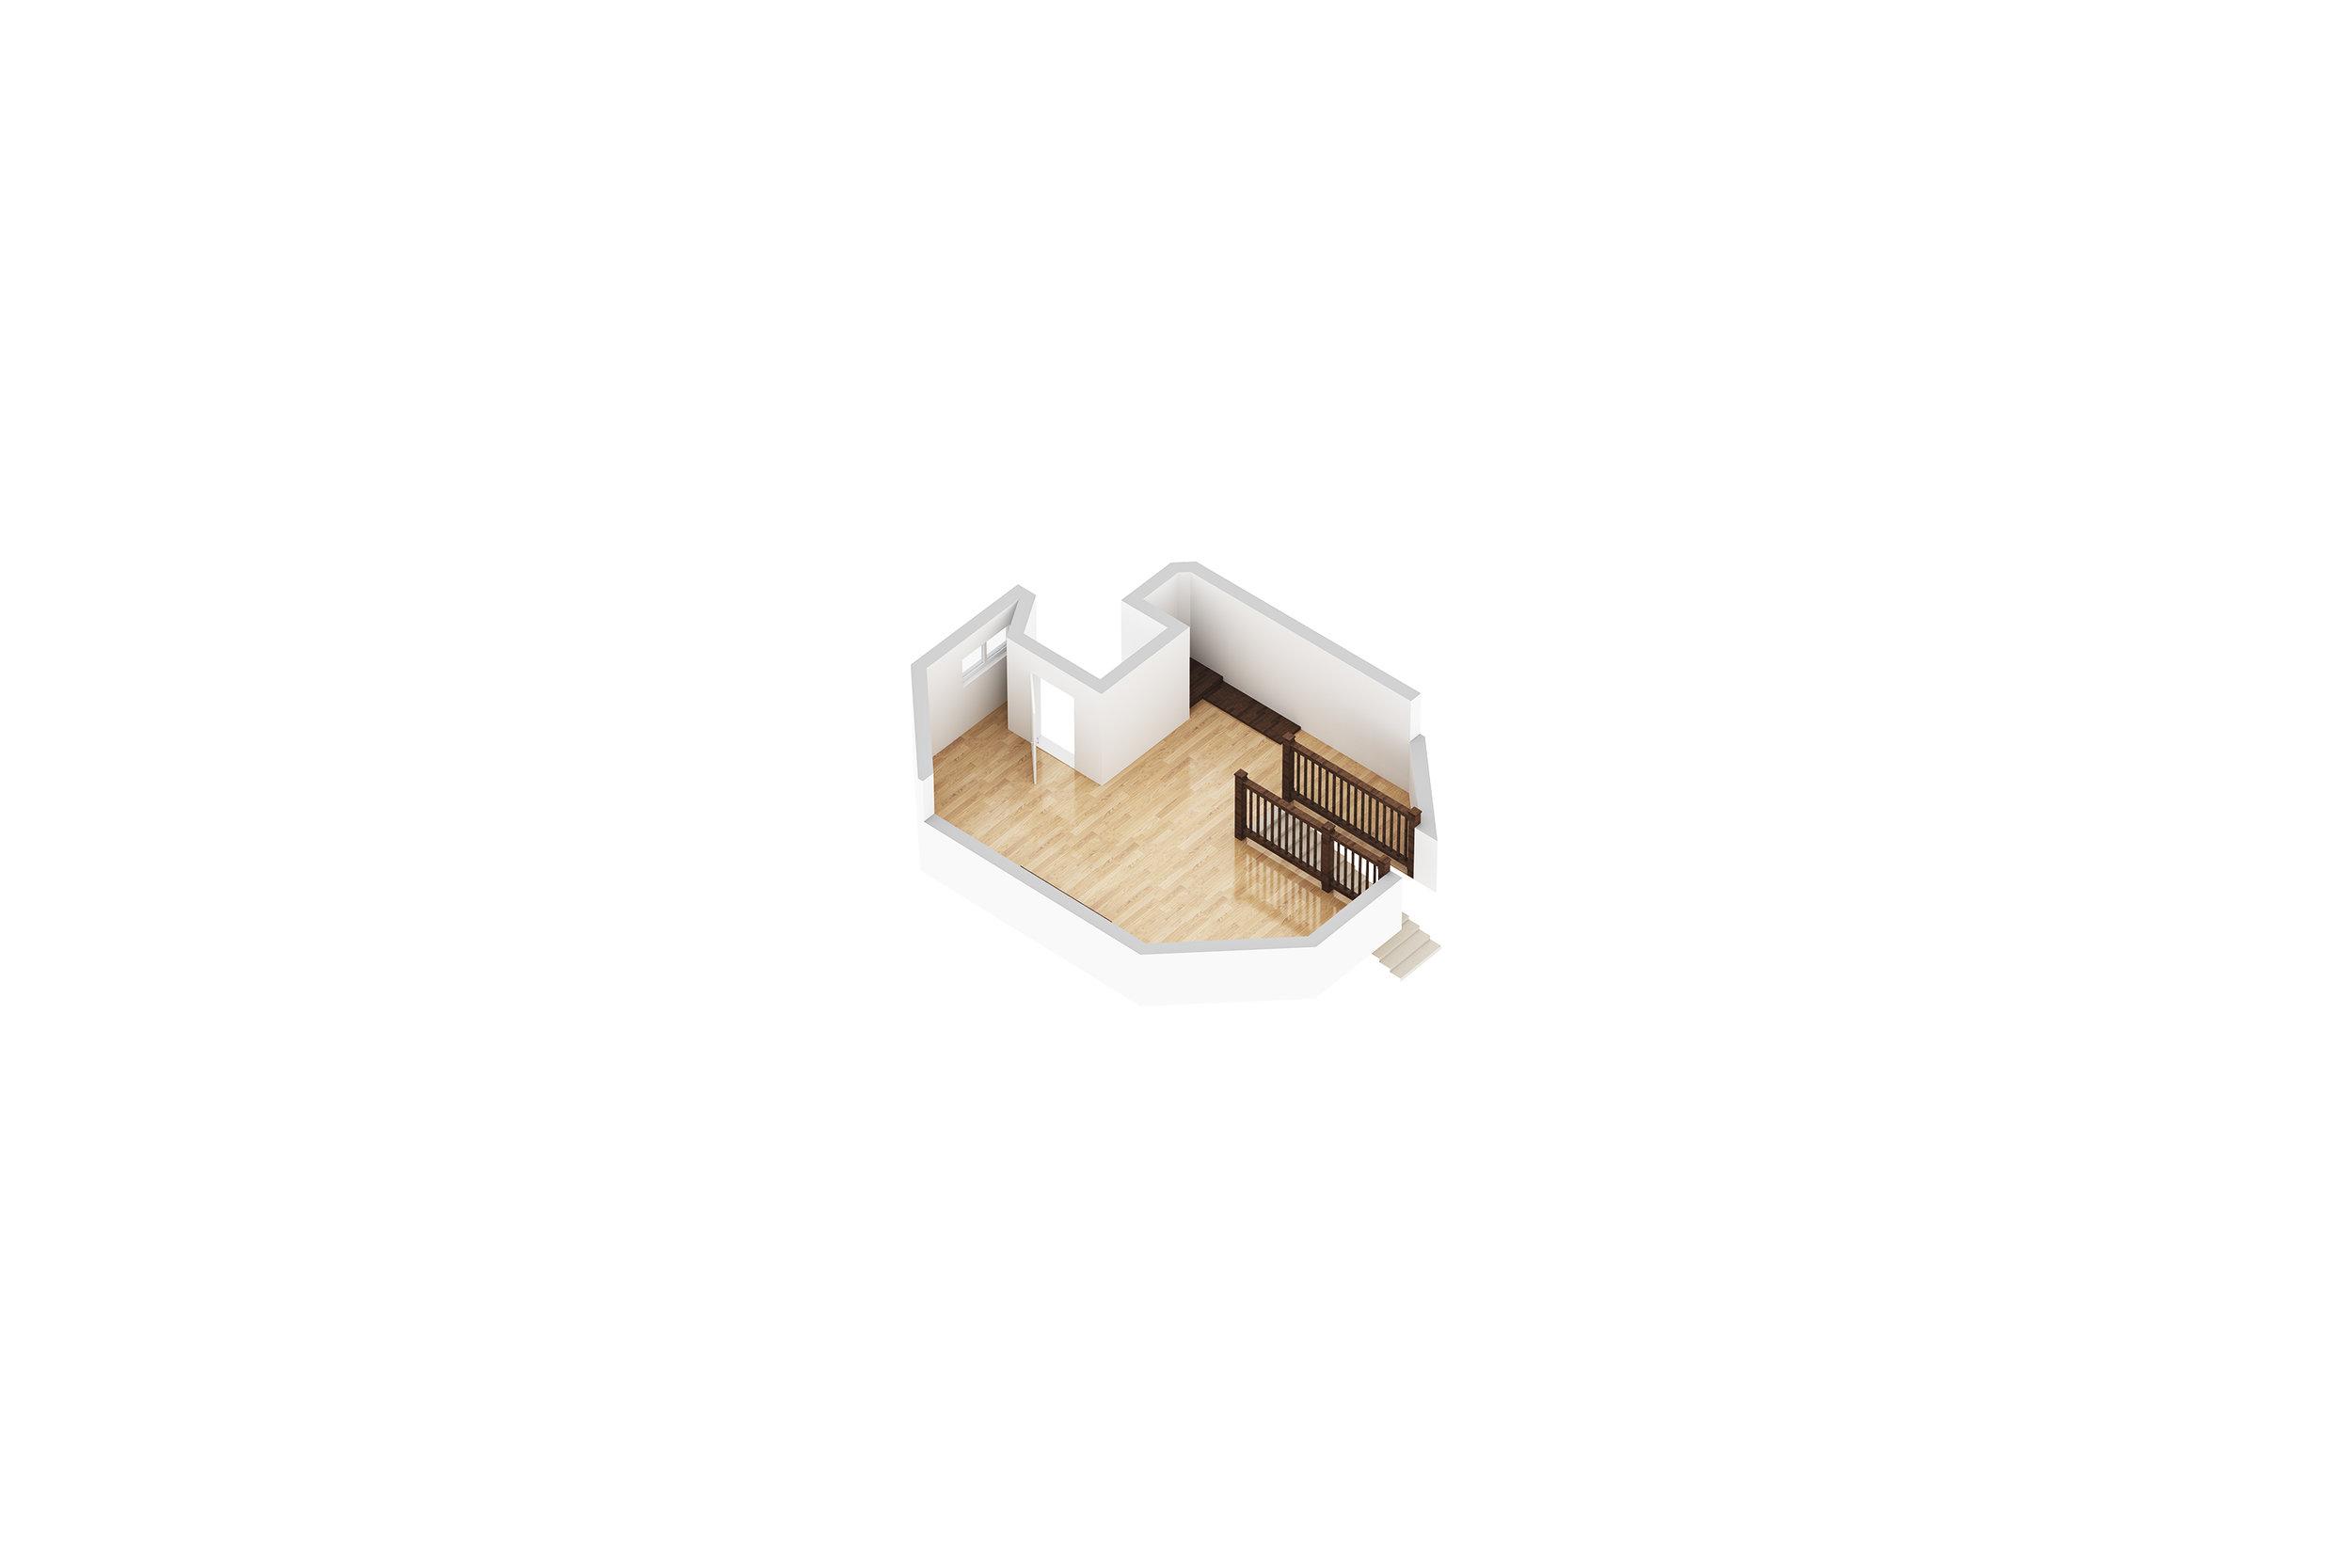 Third Floor: Upper Room